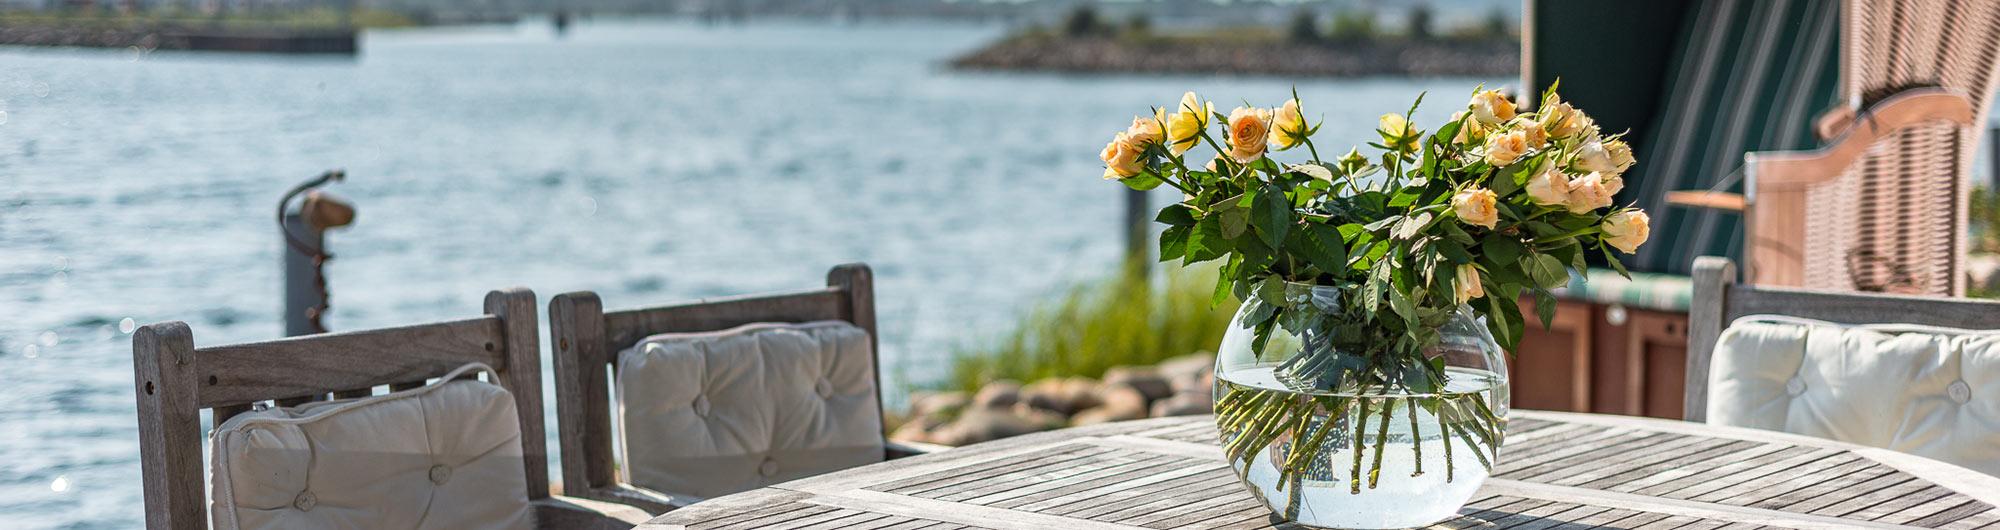 Stilvoll eingerichtete Ferienwohnungen